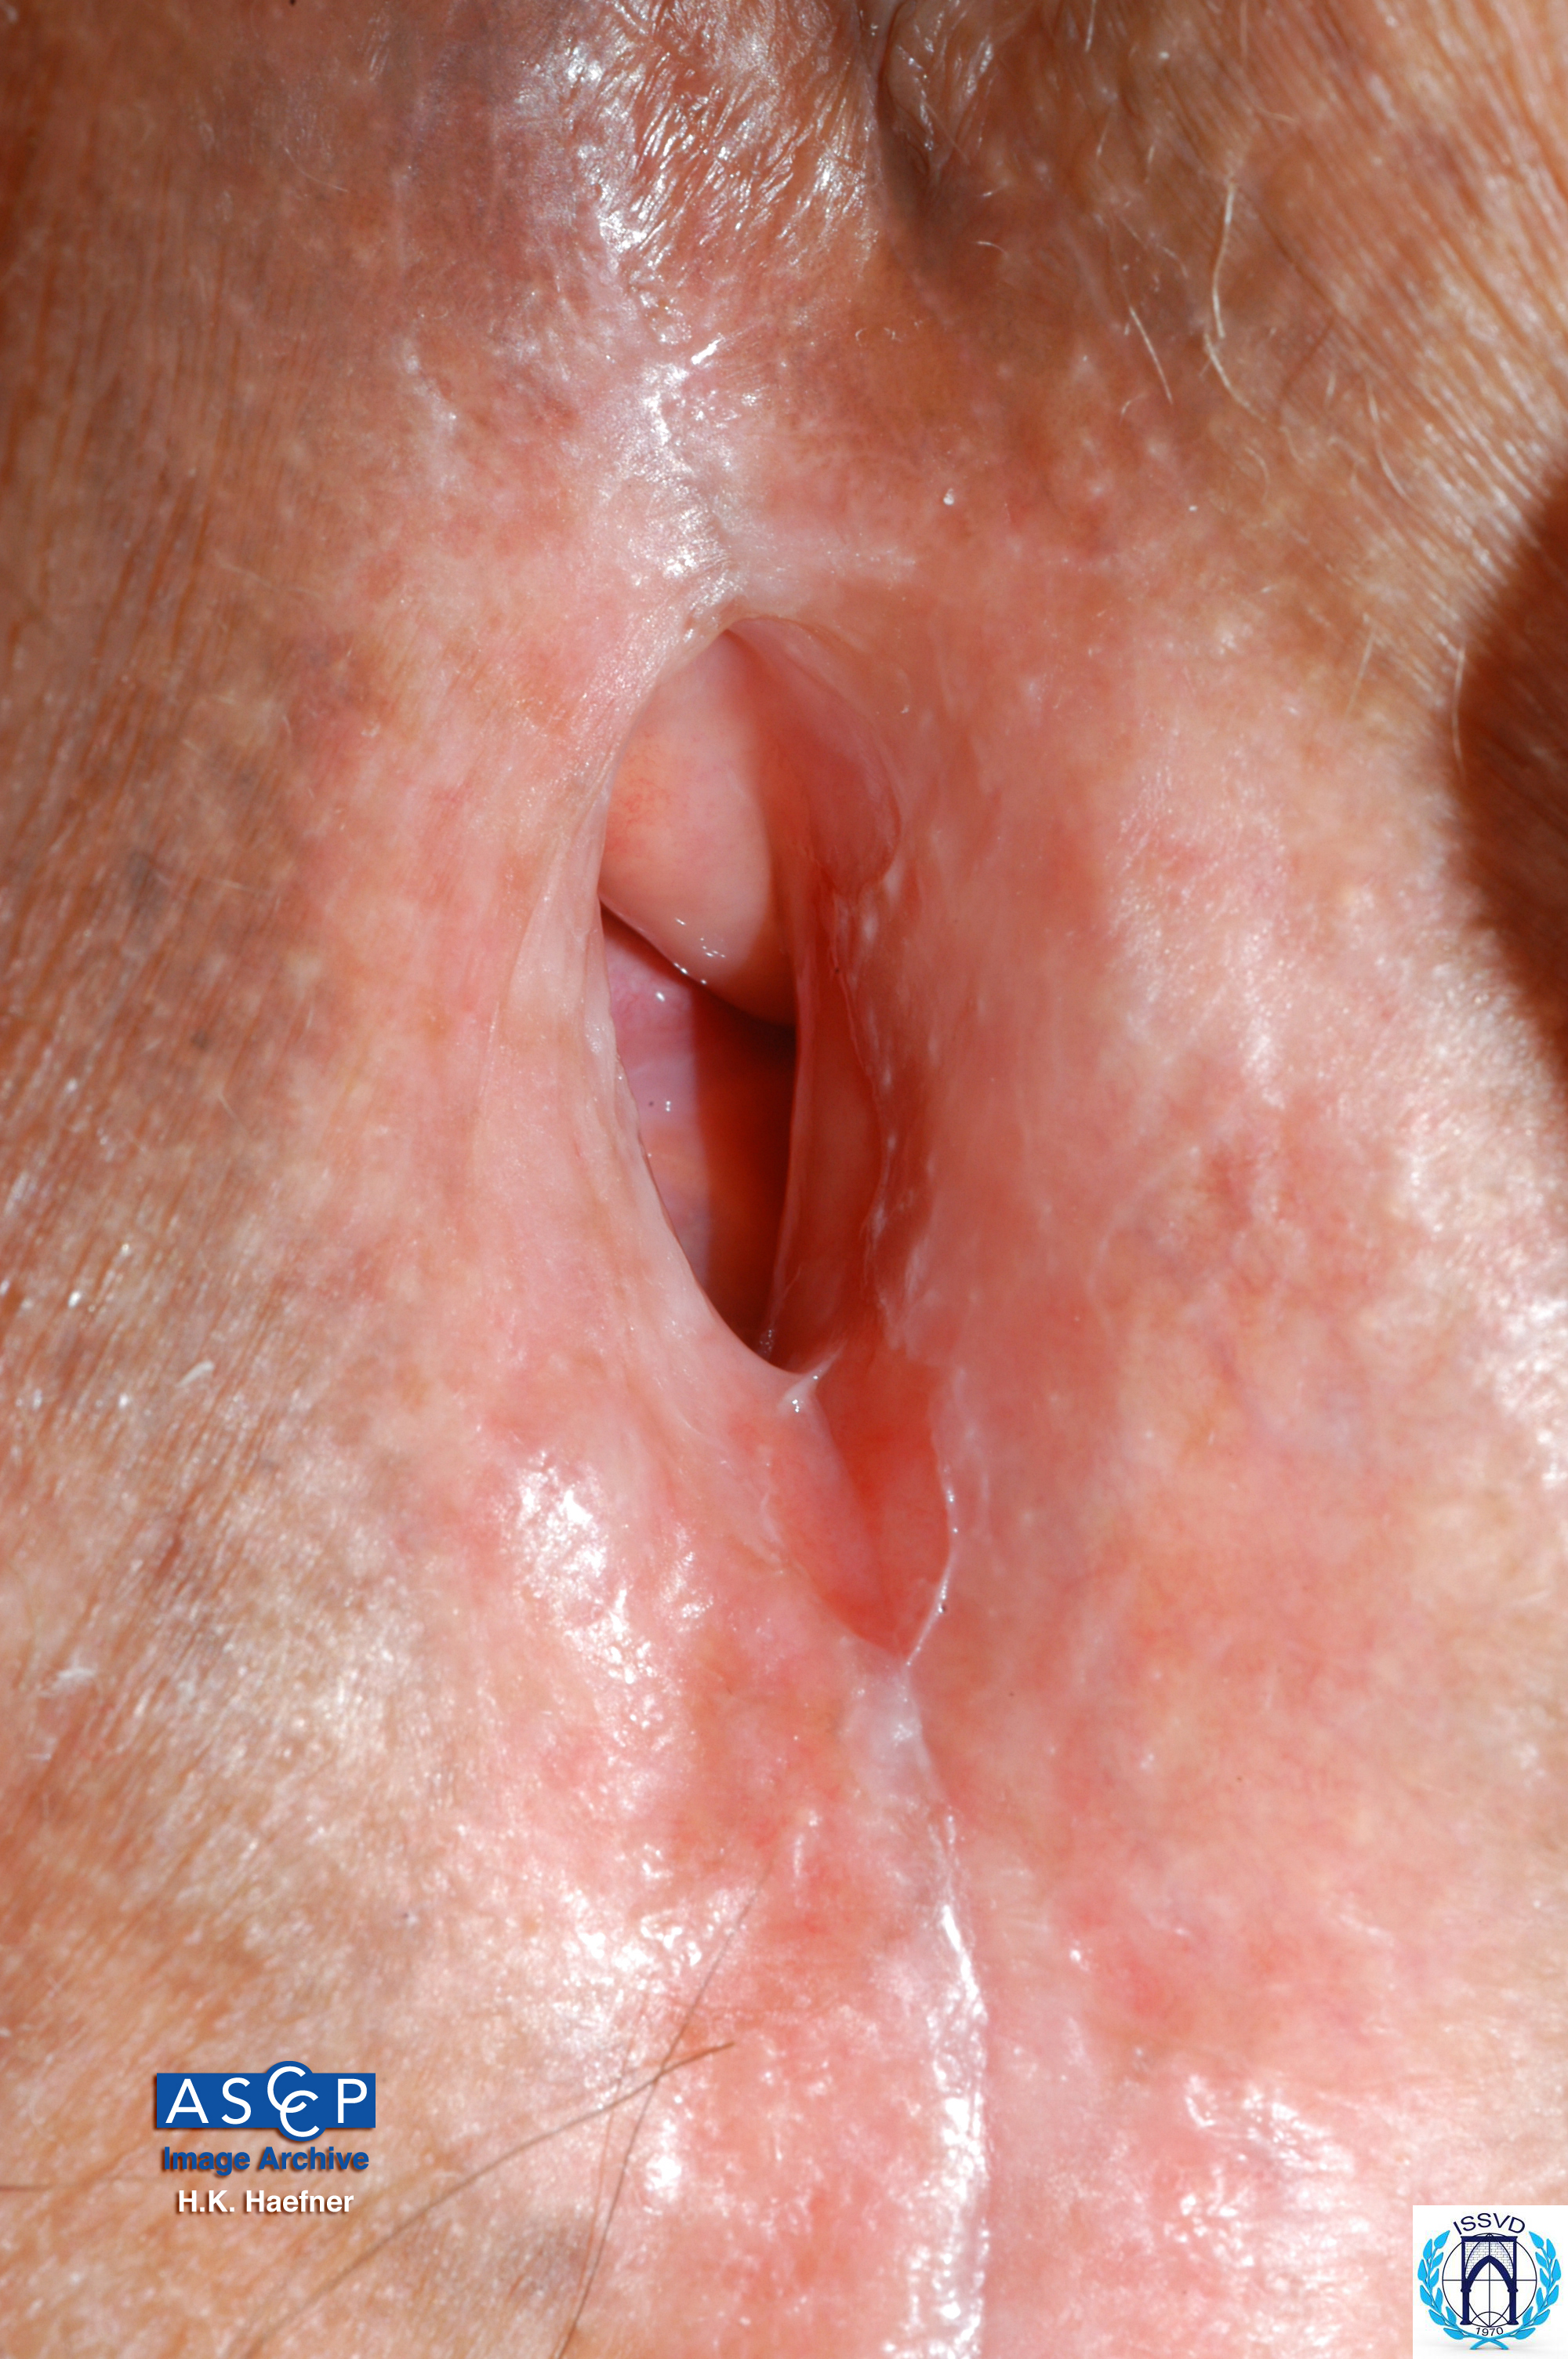 Lichen Sclerosus Et